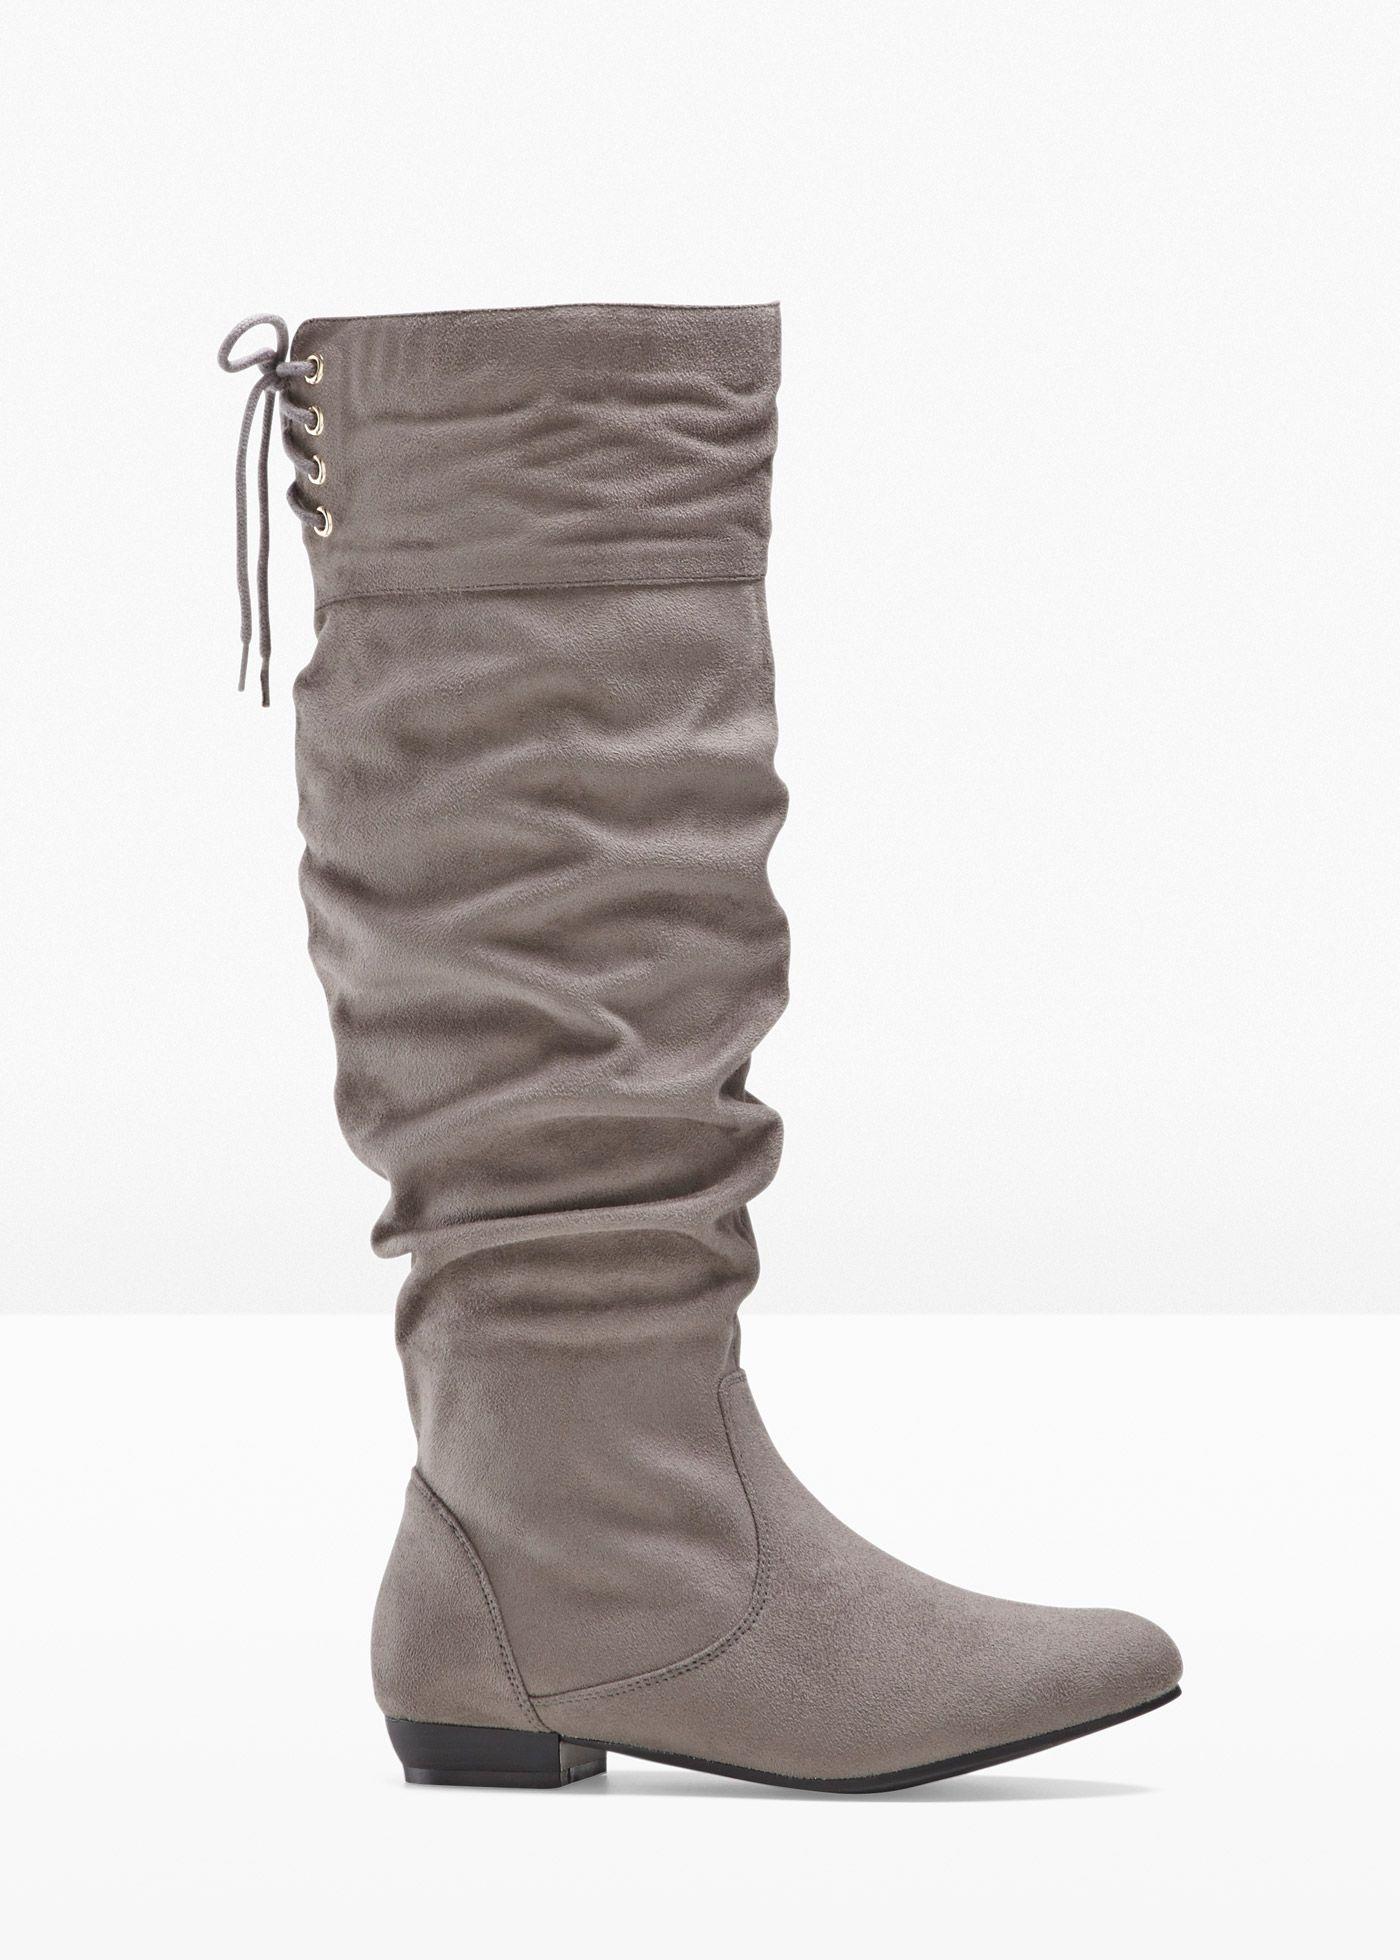 Stiefel | Stiefel, Winterstiefel und Outfit